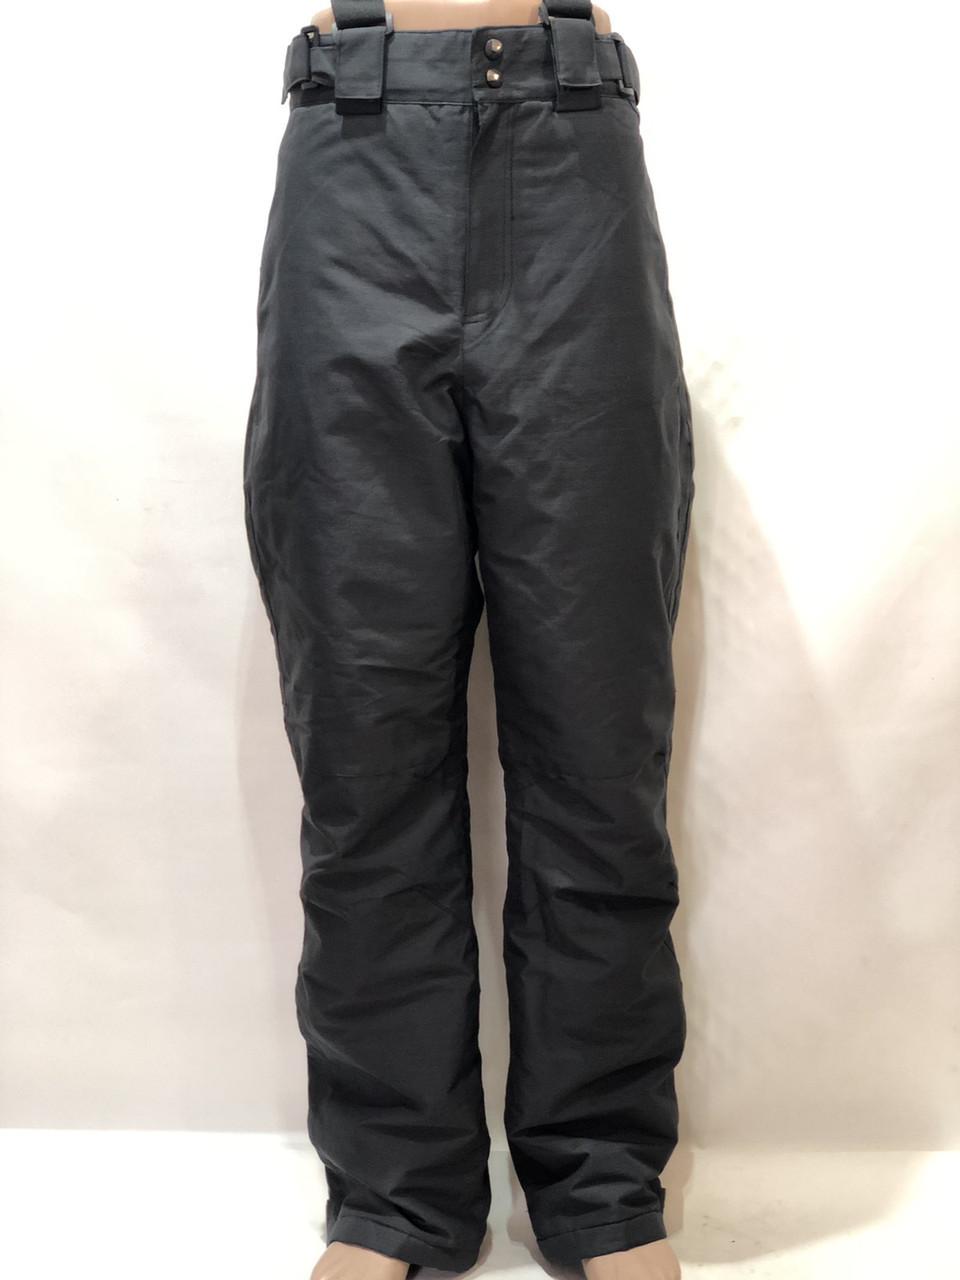 Ххл р. Чоловічі штани теплі гірськолижні останні залишилися з підтяжками сірі